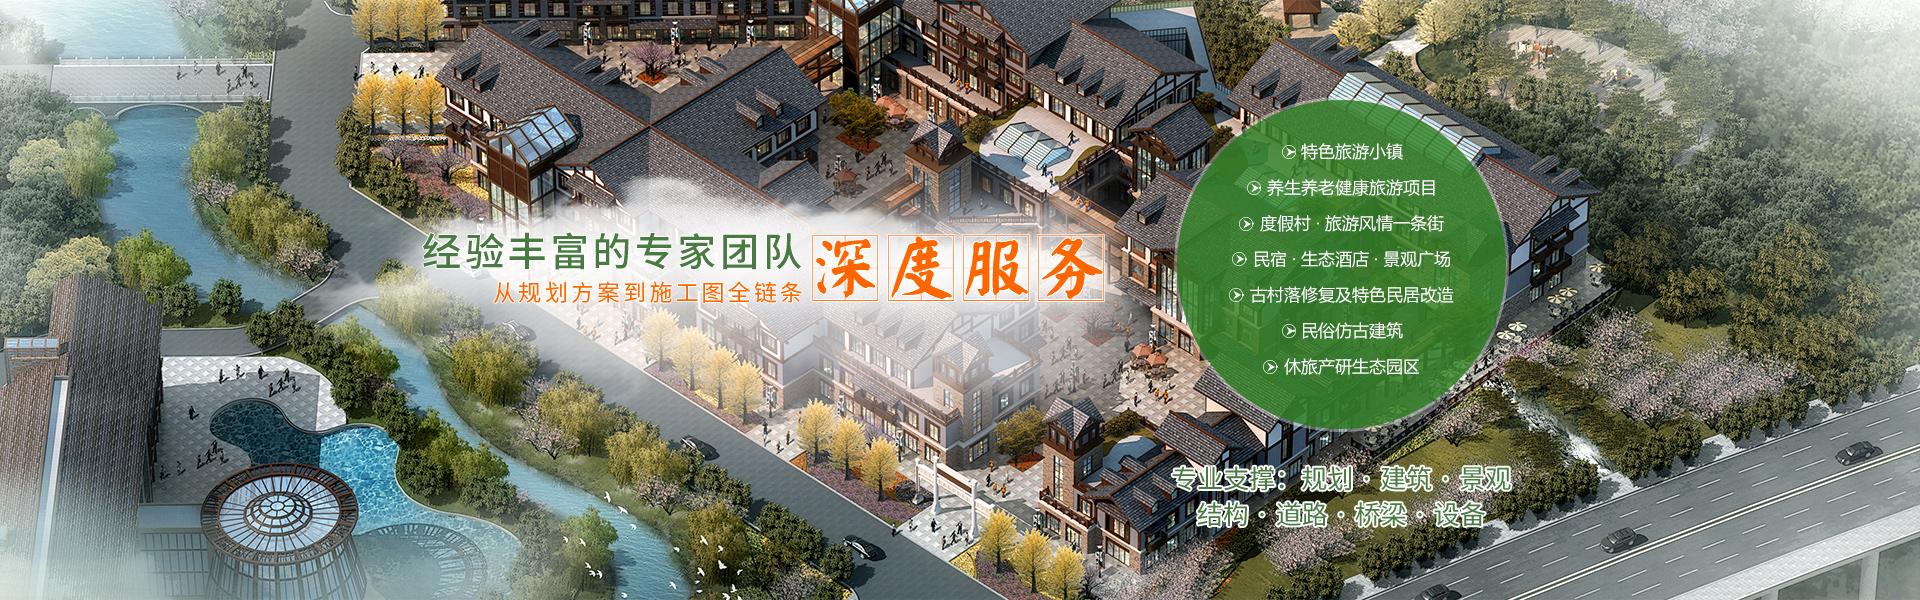 重庆旅游规划设计